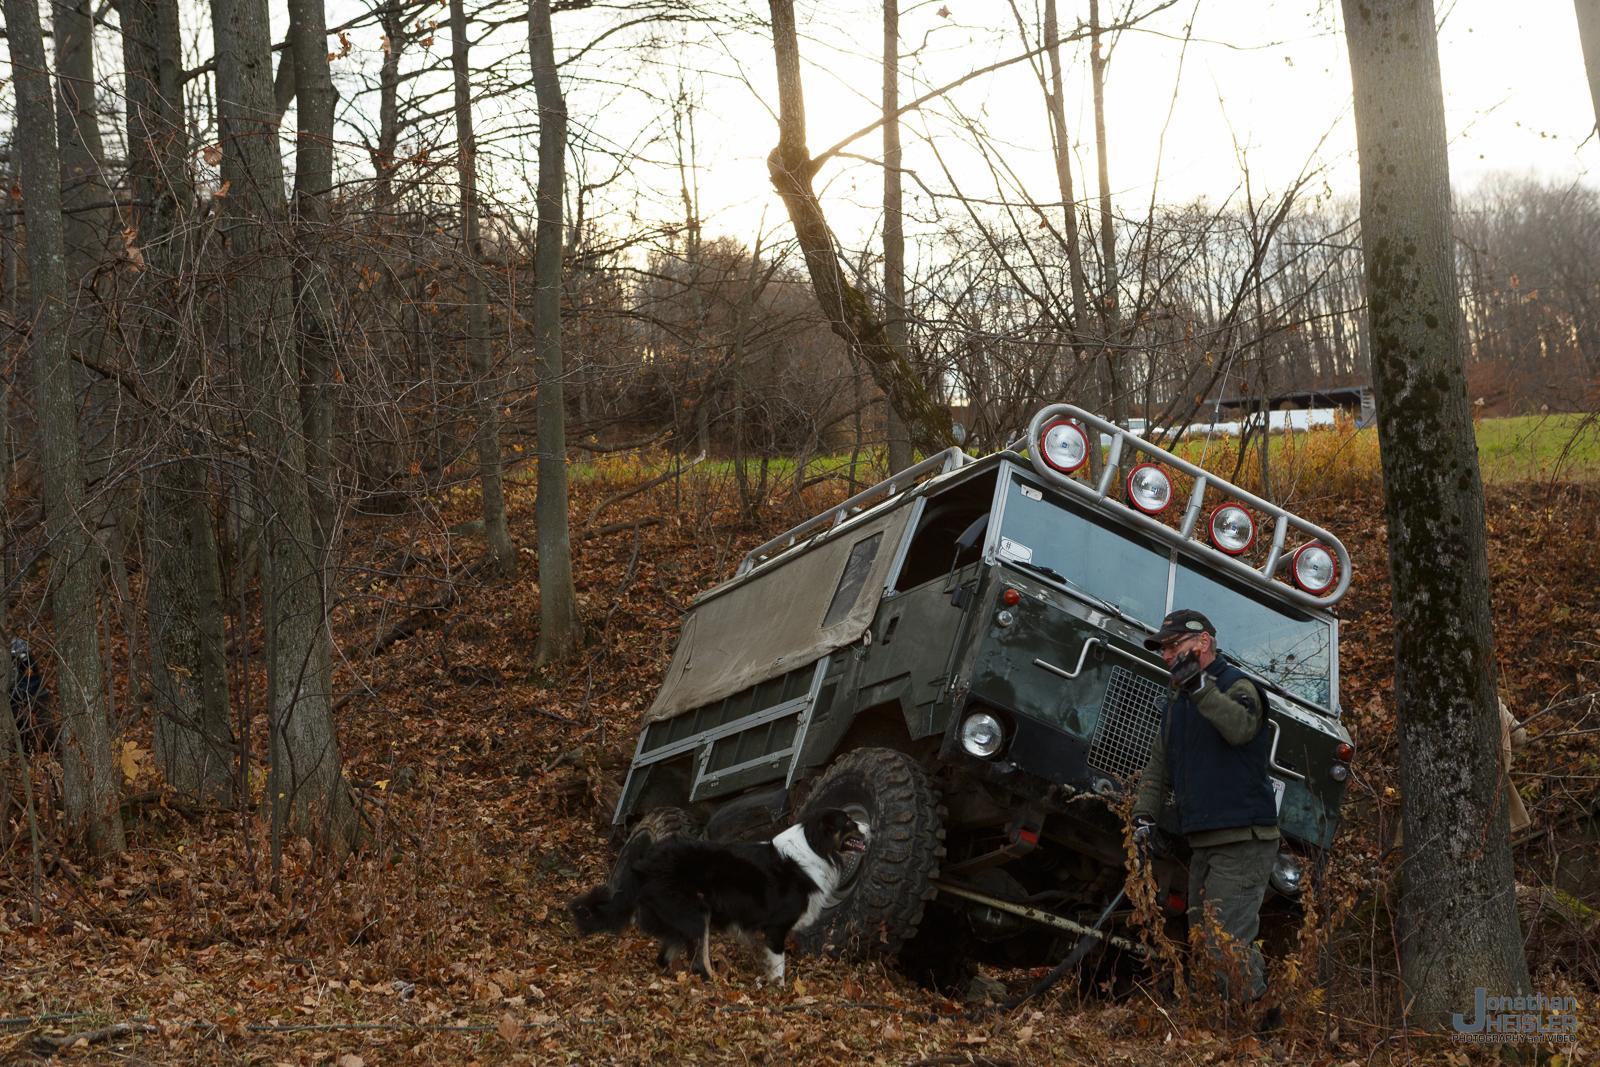 Guy Fawkes Land Rover_ Land Rover Defender __ Jonathan Heisler _ Jonathan Heisler Photography027.jpg